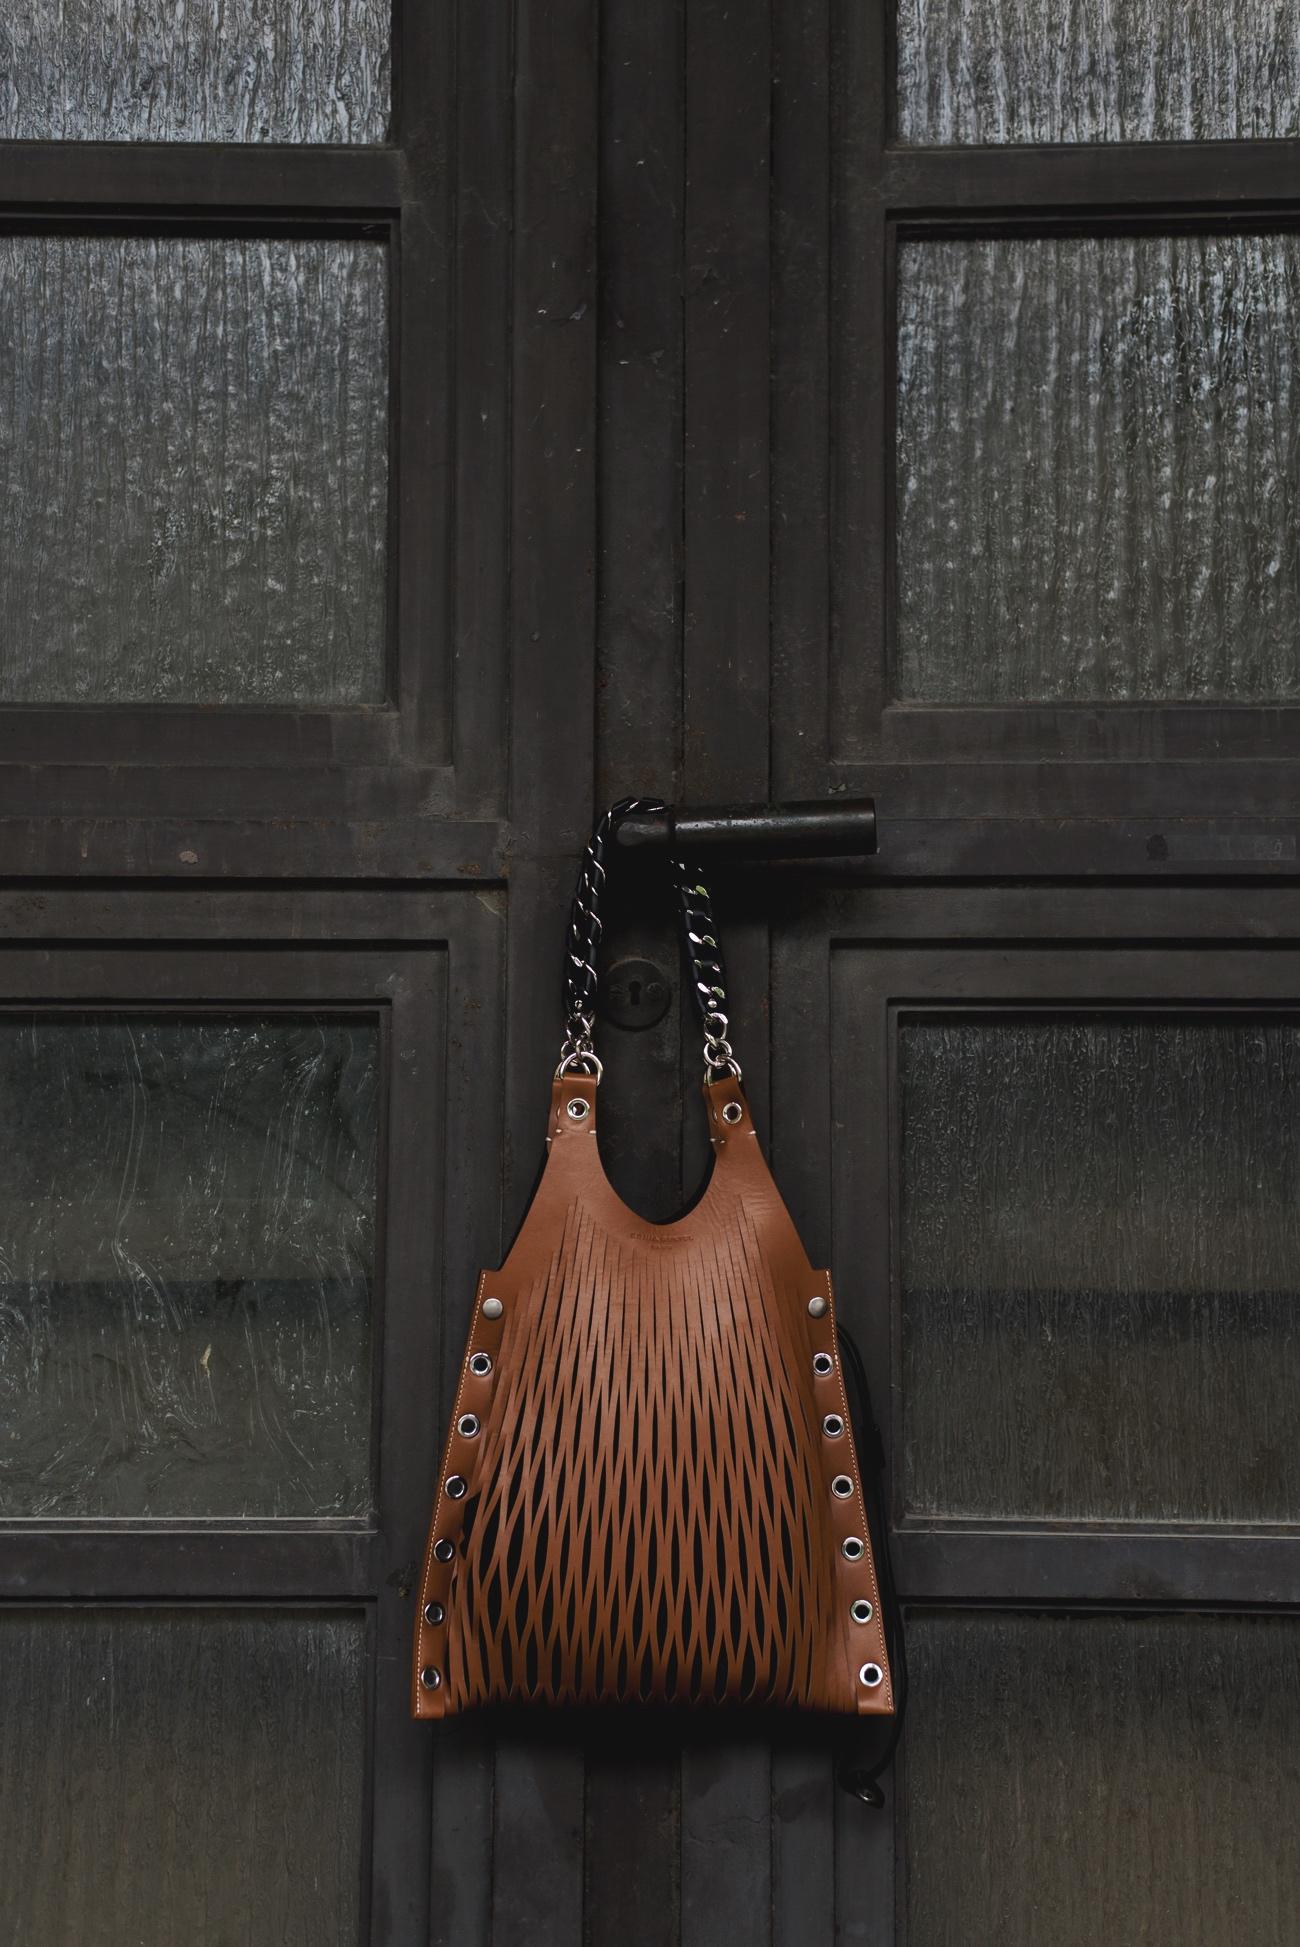 Sonia-Rykiel-netz-tasche-Camel-Le-Baltard-Lattice-Tote-braun-mittlere-größe-net-Bag-fashiioncarpet